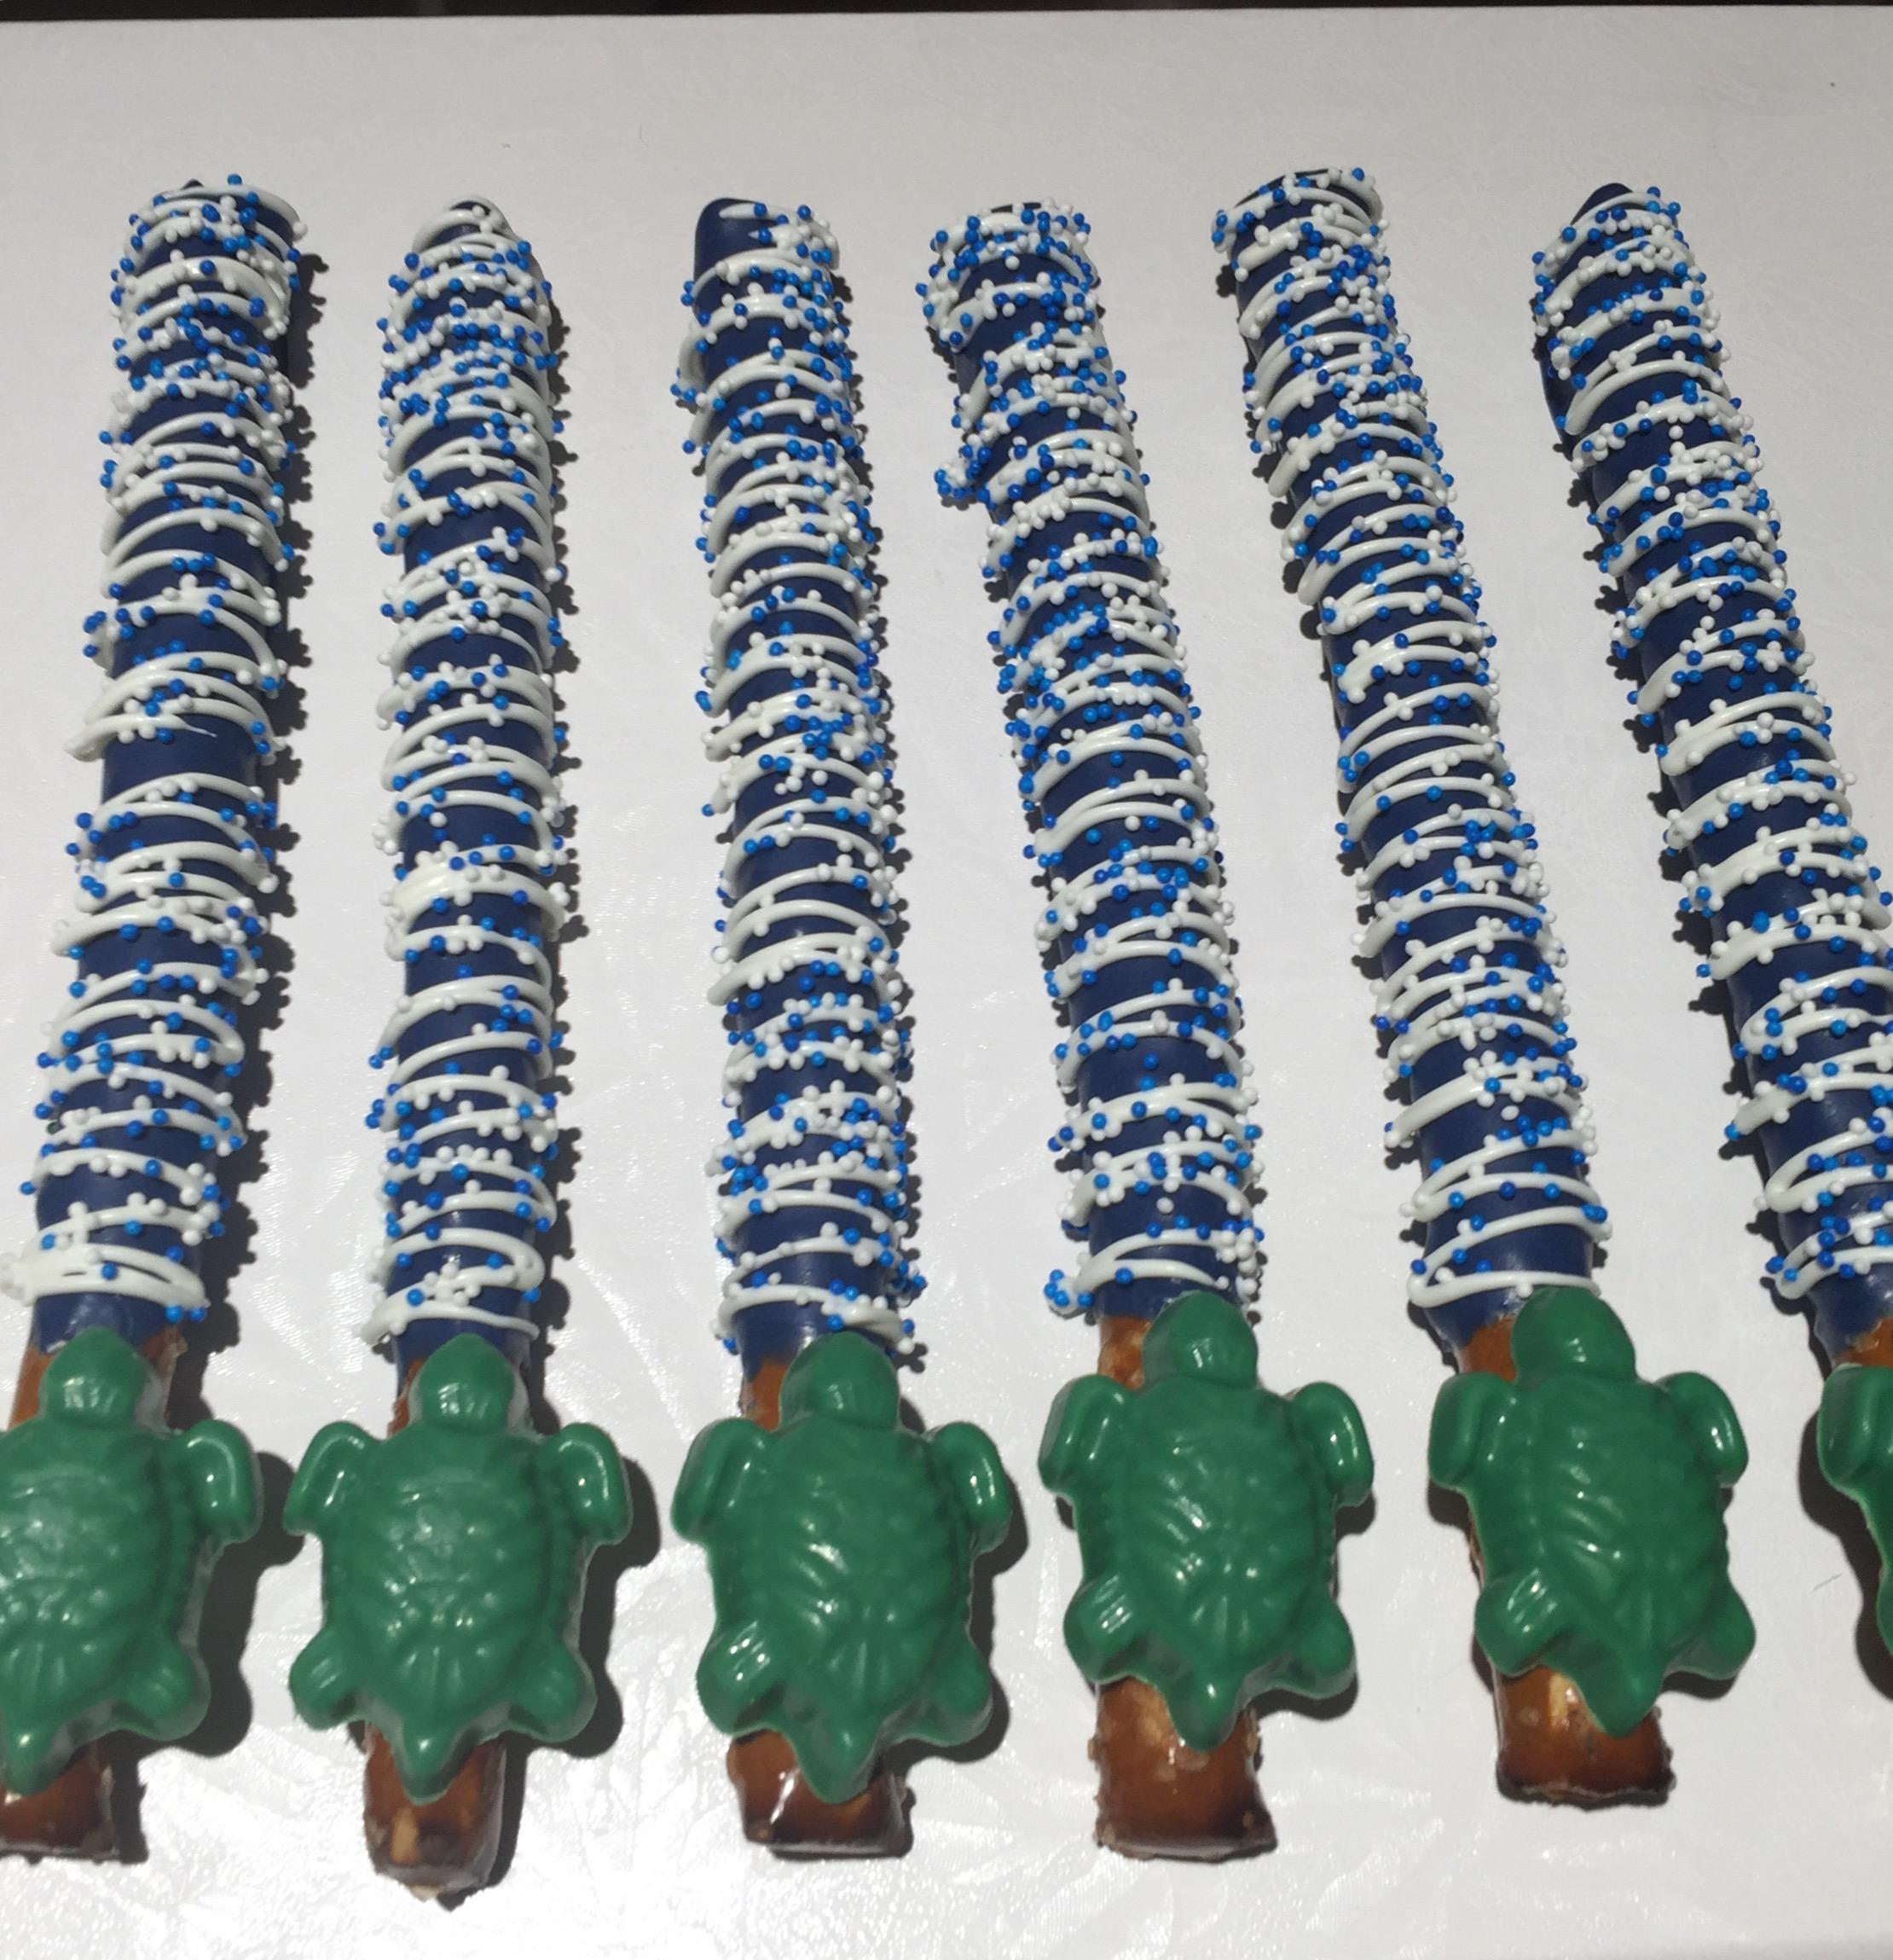 Turtle Pretzels